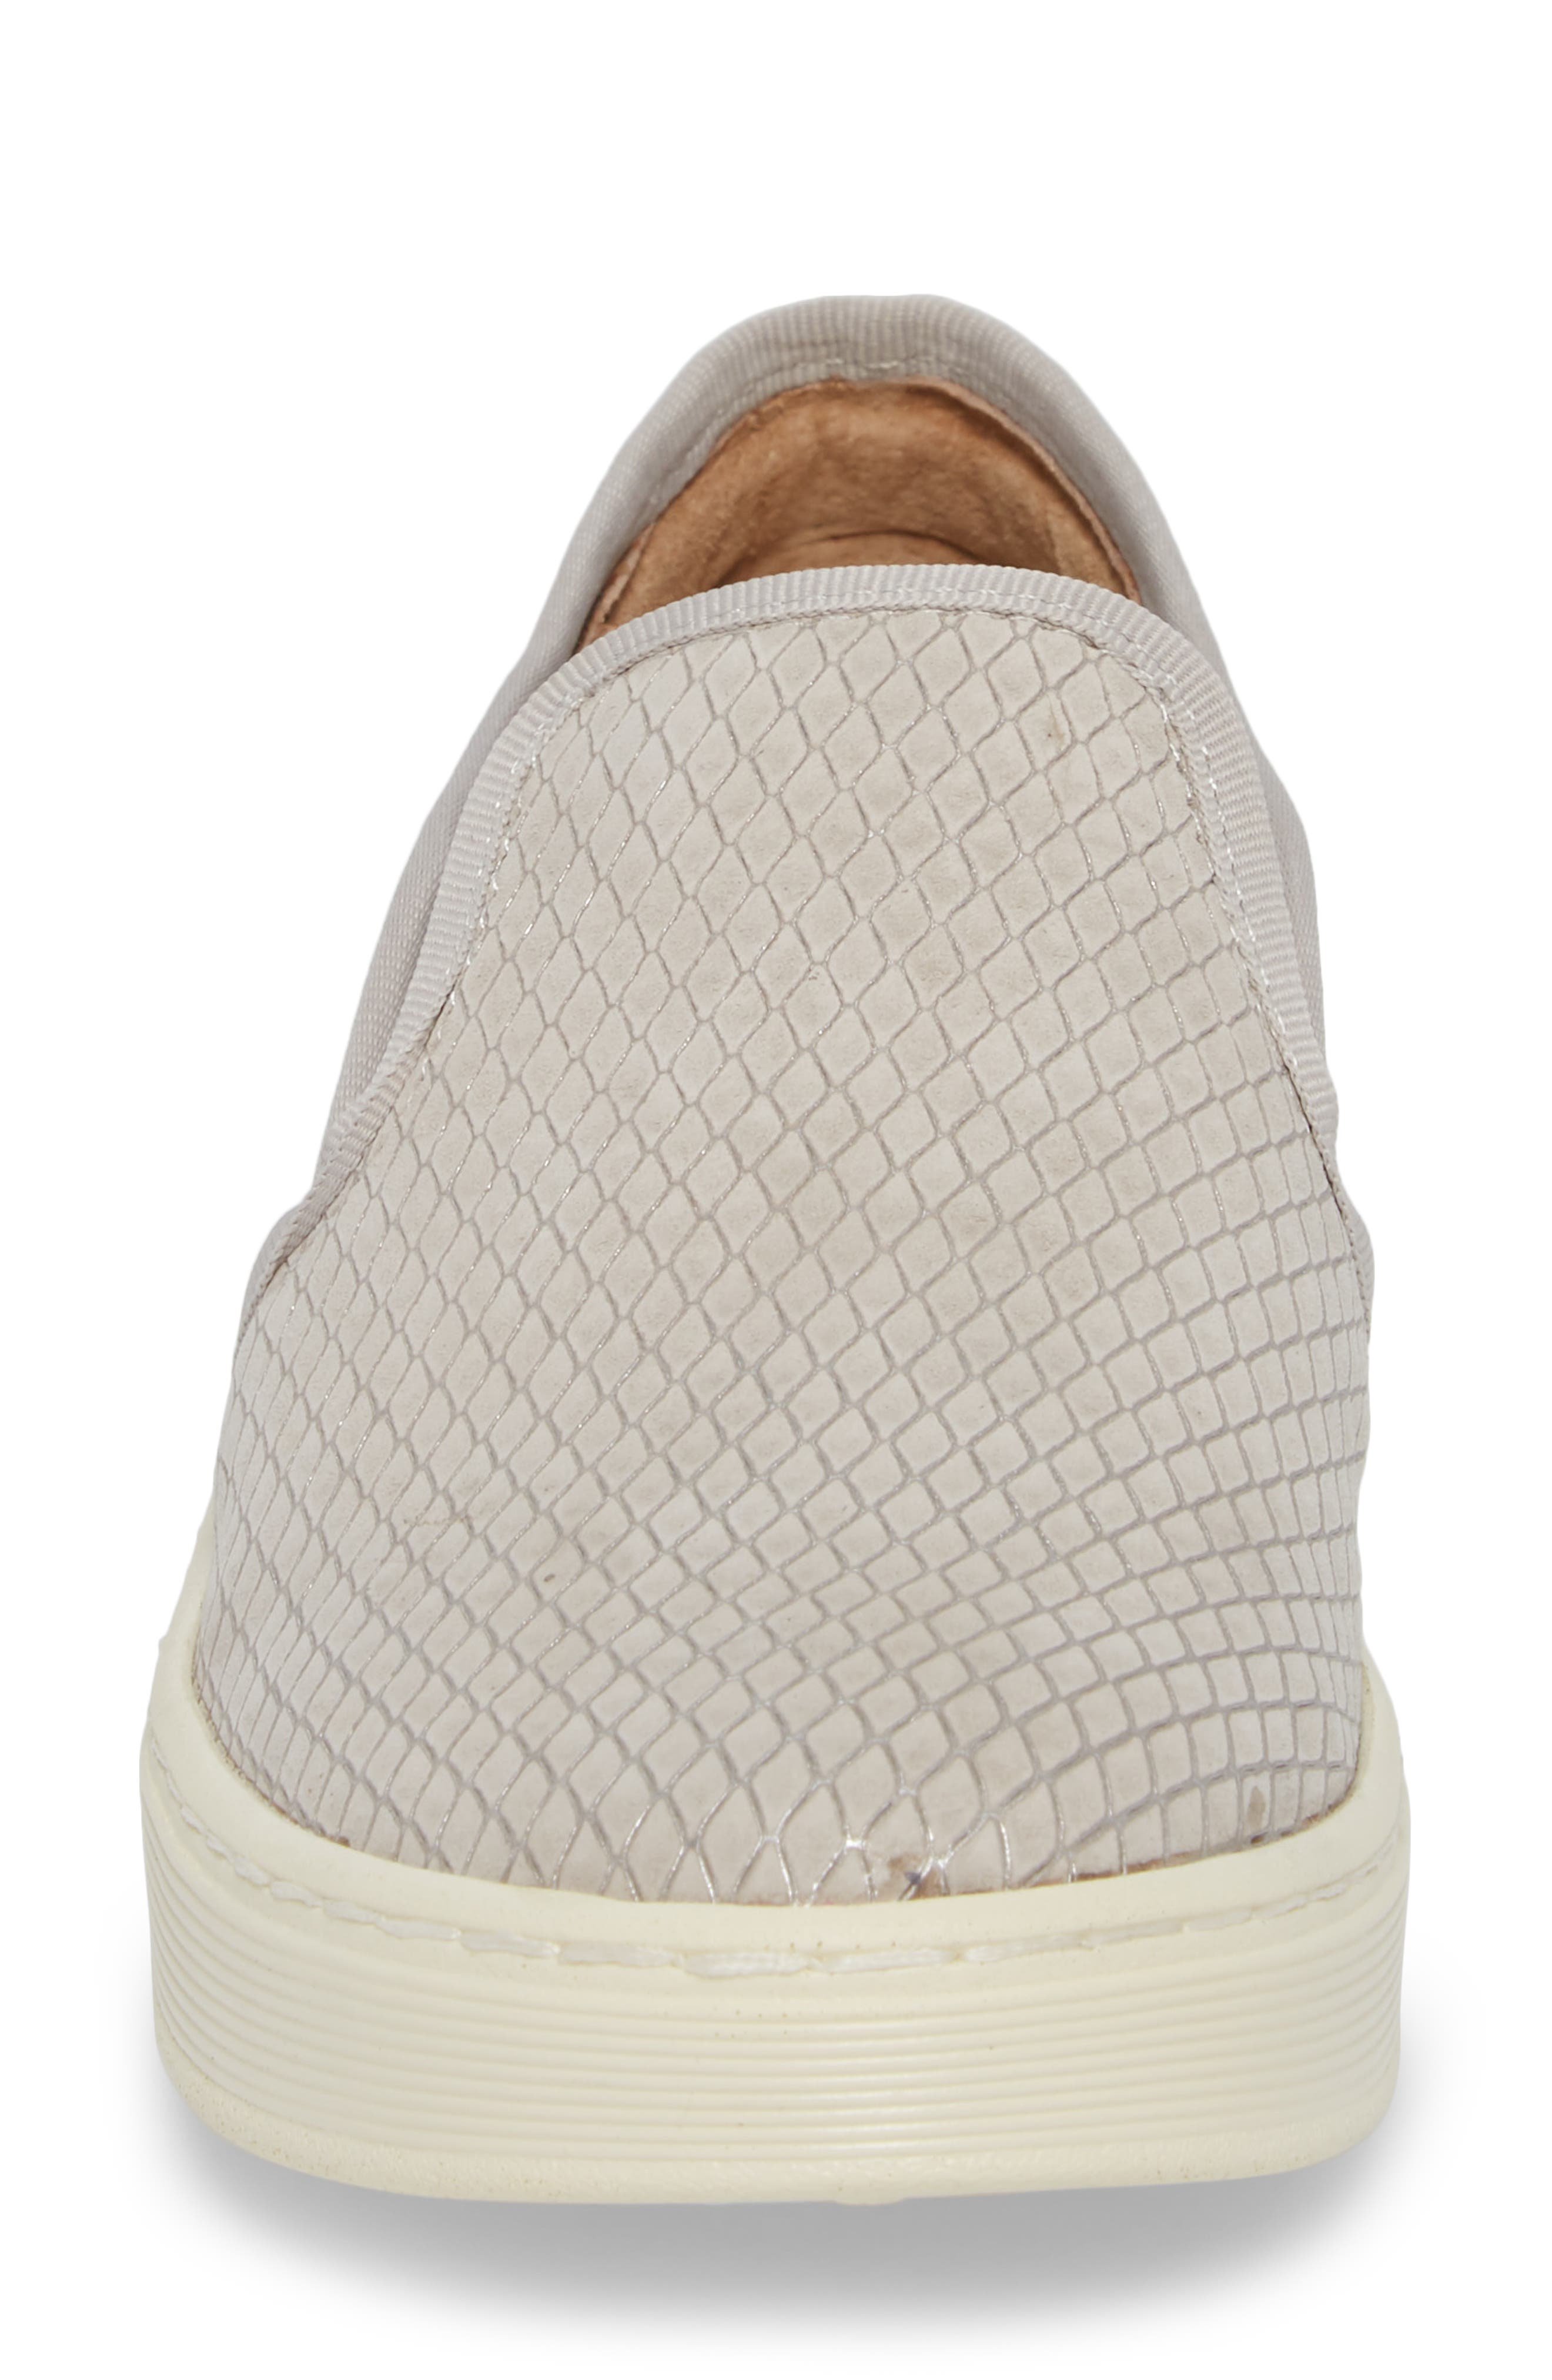 Alternate Image 3  - Söfft 'Somers' Slip-On Sneaker (Women)